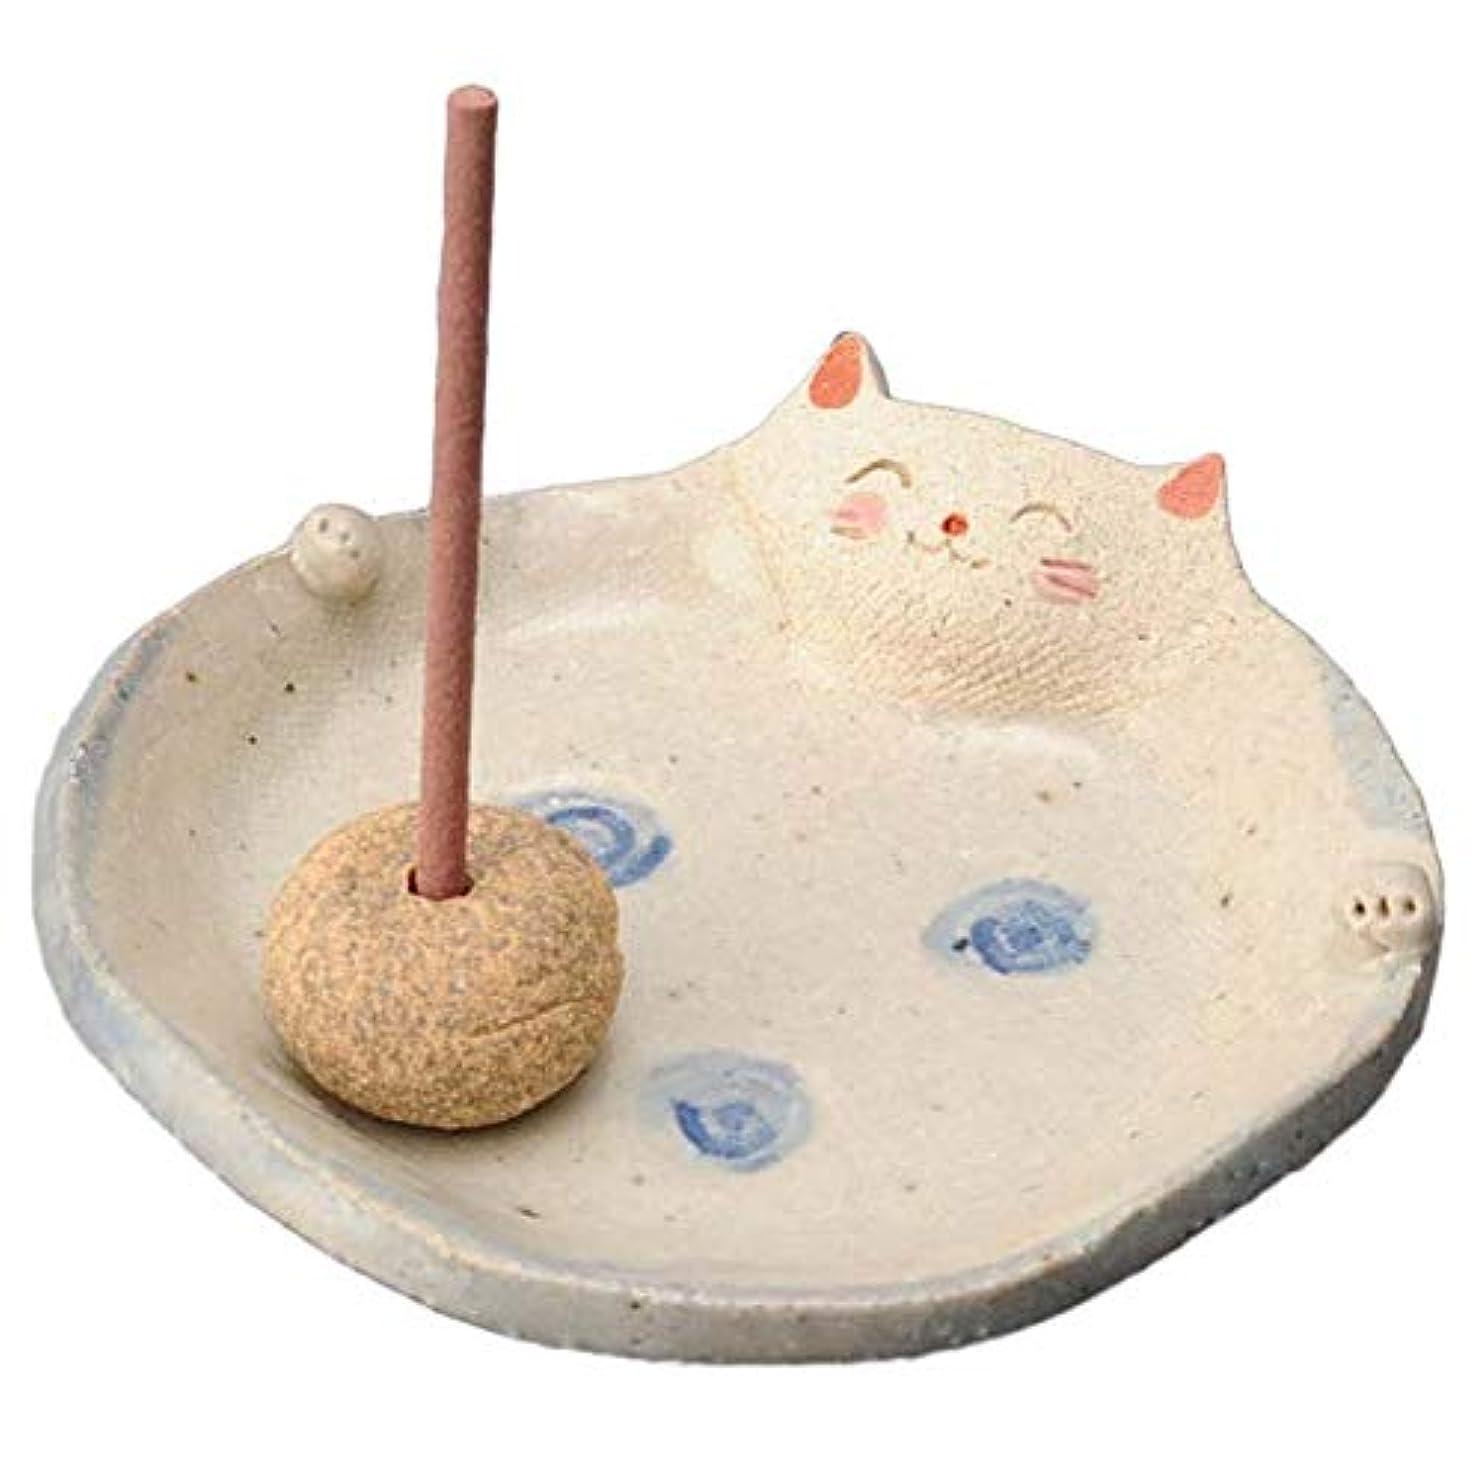 令状荒廃する歯車手造り 香皿 香立て/ふっくら 香皿(ネコ) /香り アロマ 癒やし リラックス インテリア プレゼント 贈り物